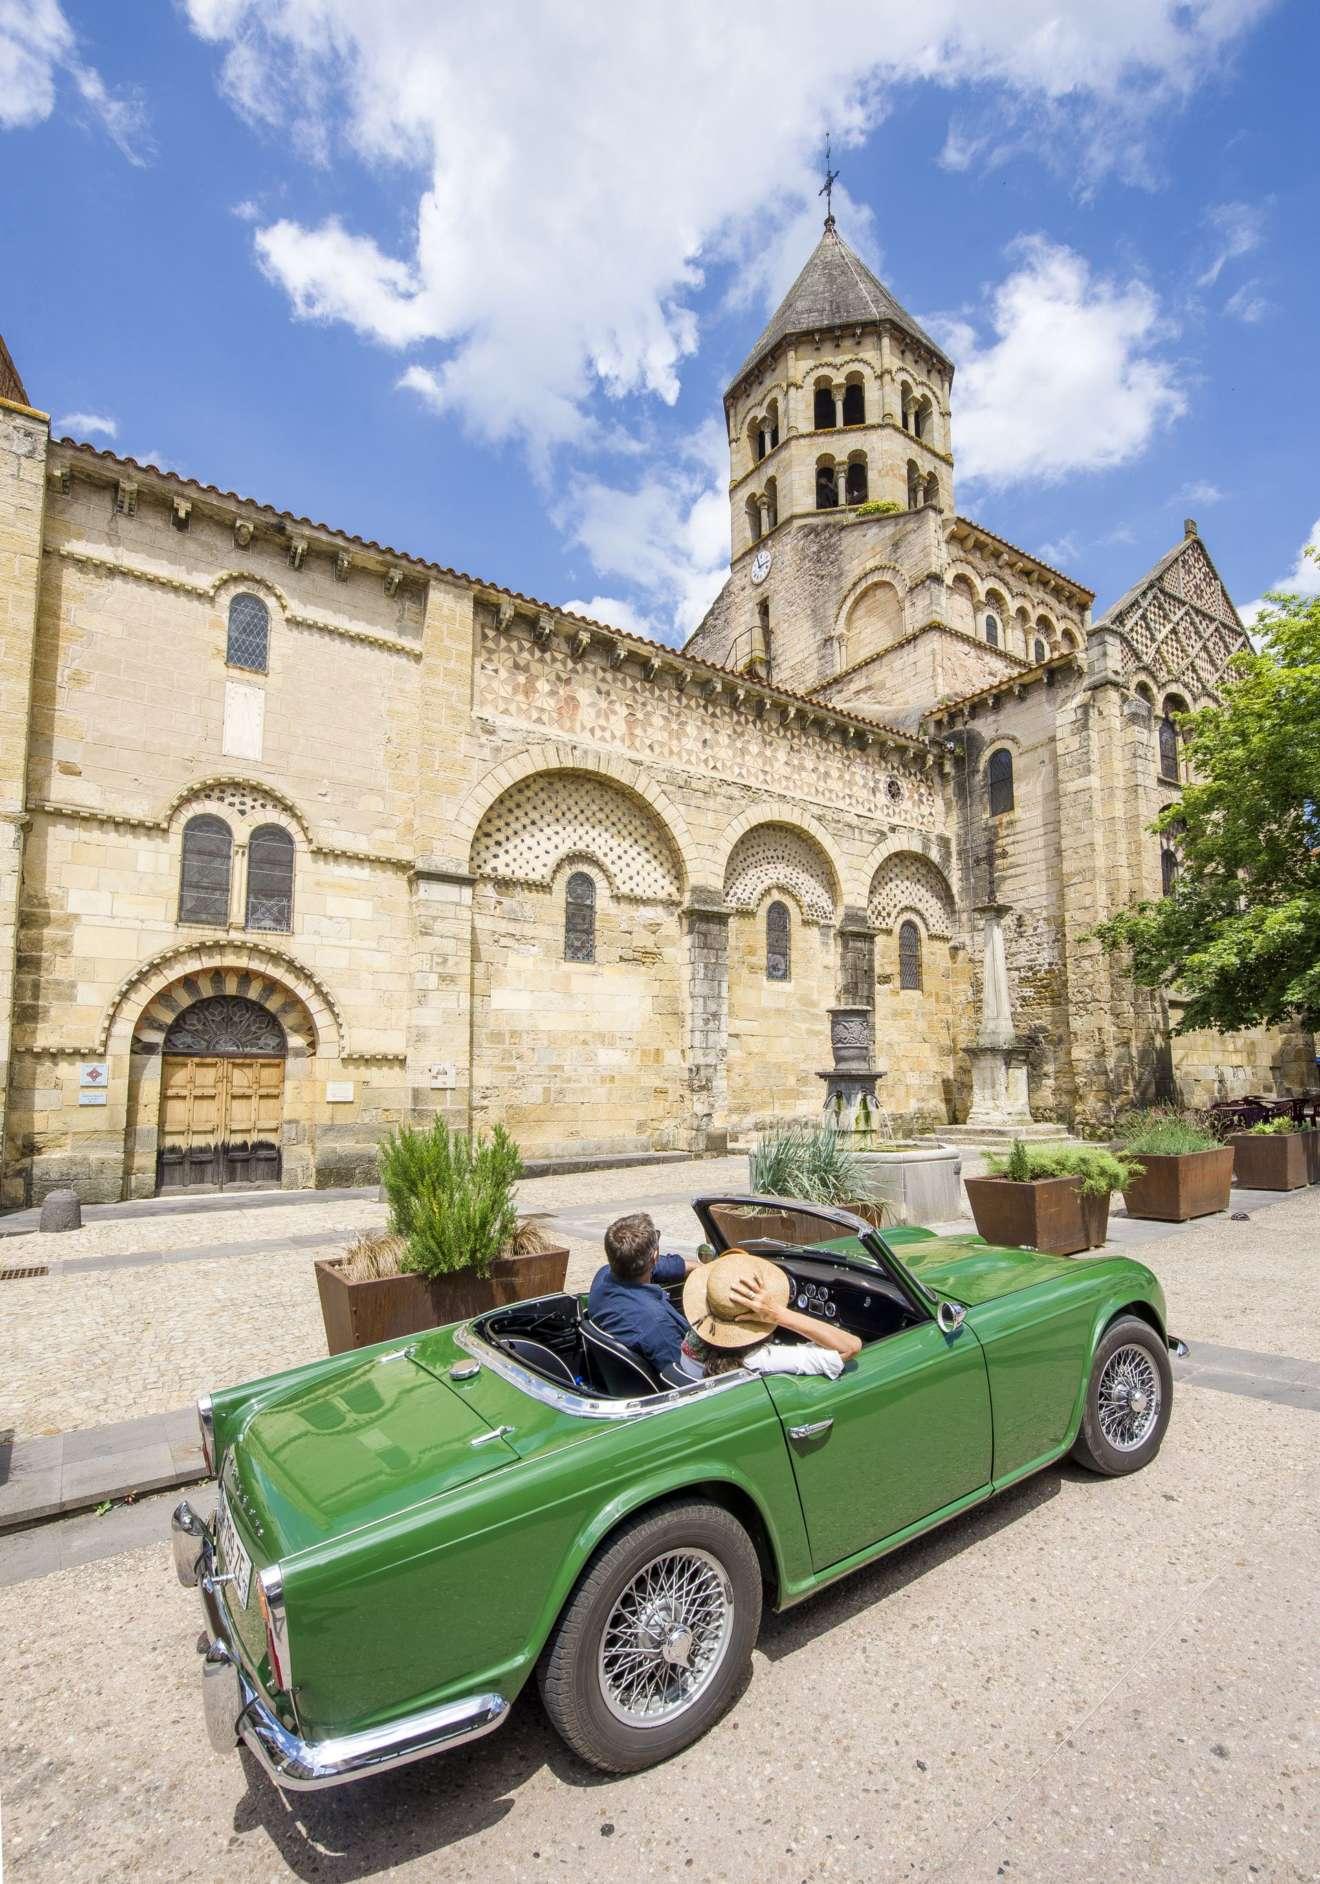 Auvergne - Puy-de-Dome - Toscane d'Auvergne.